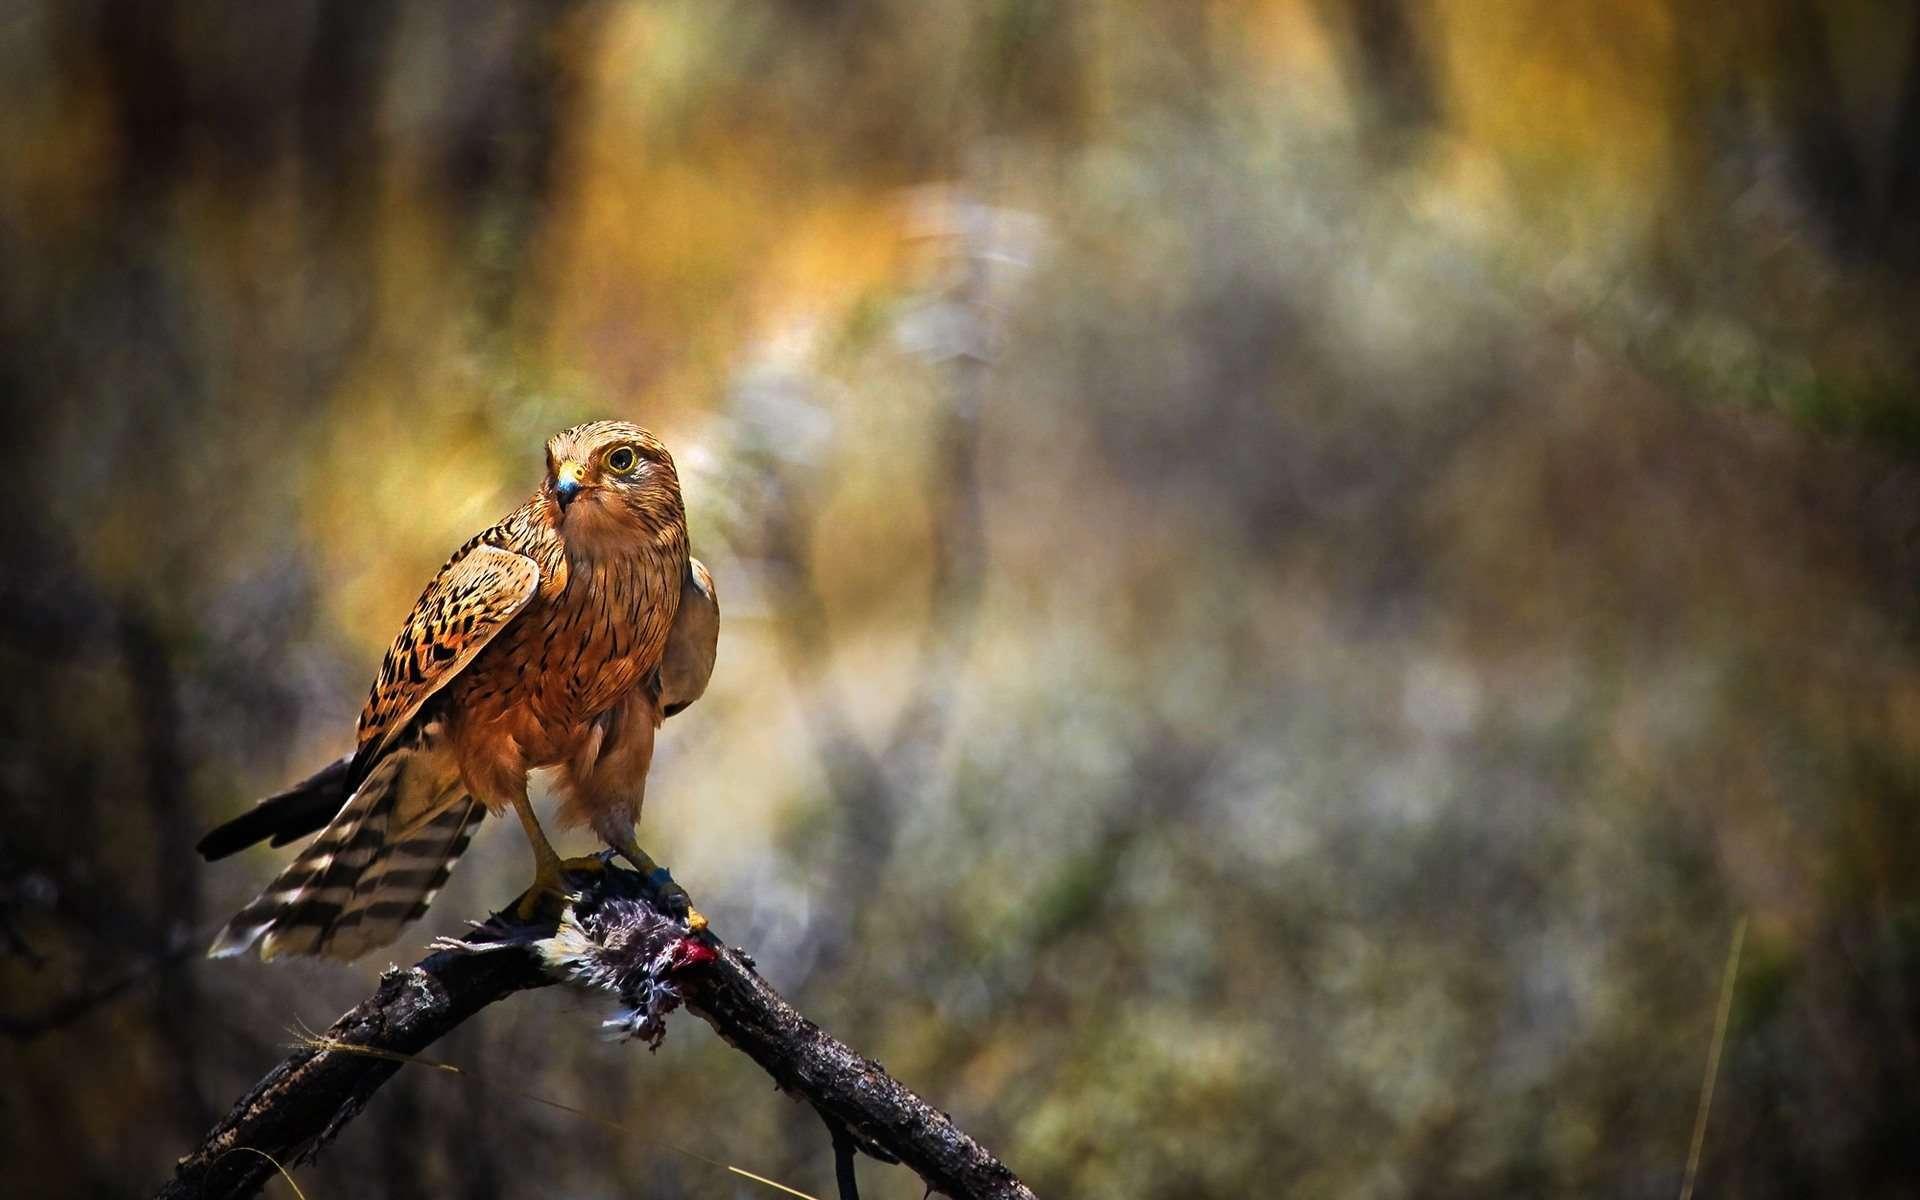 falcon wallpaper download